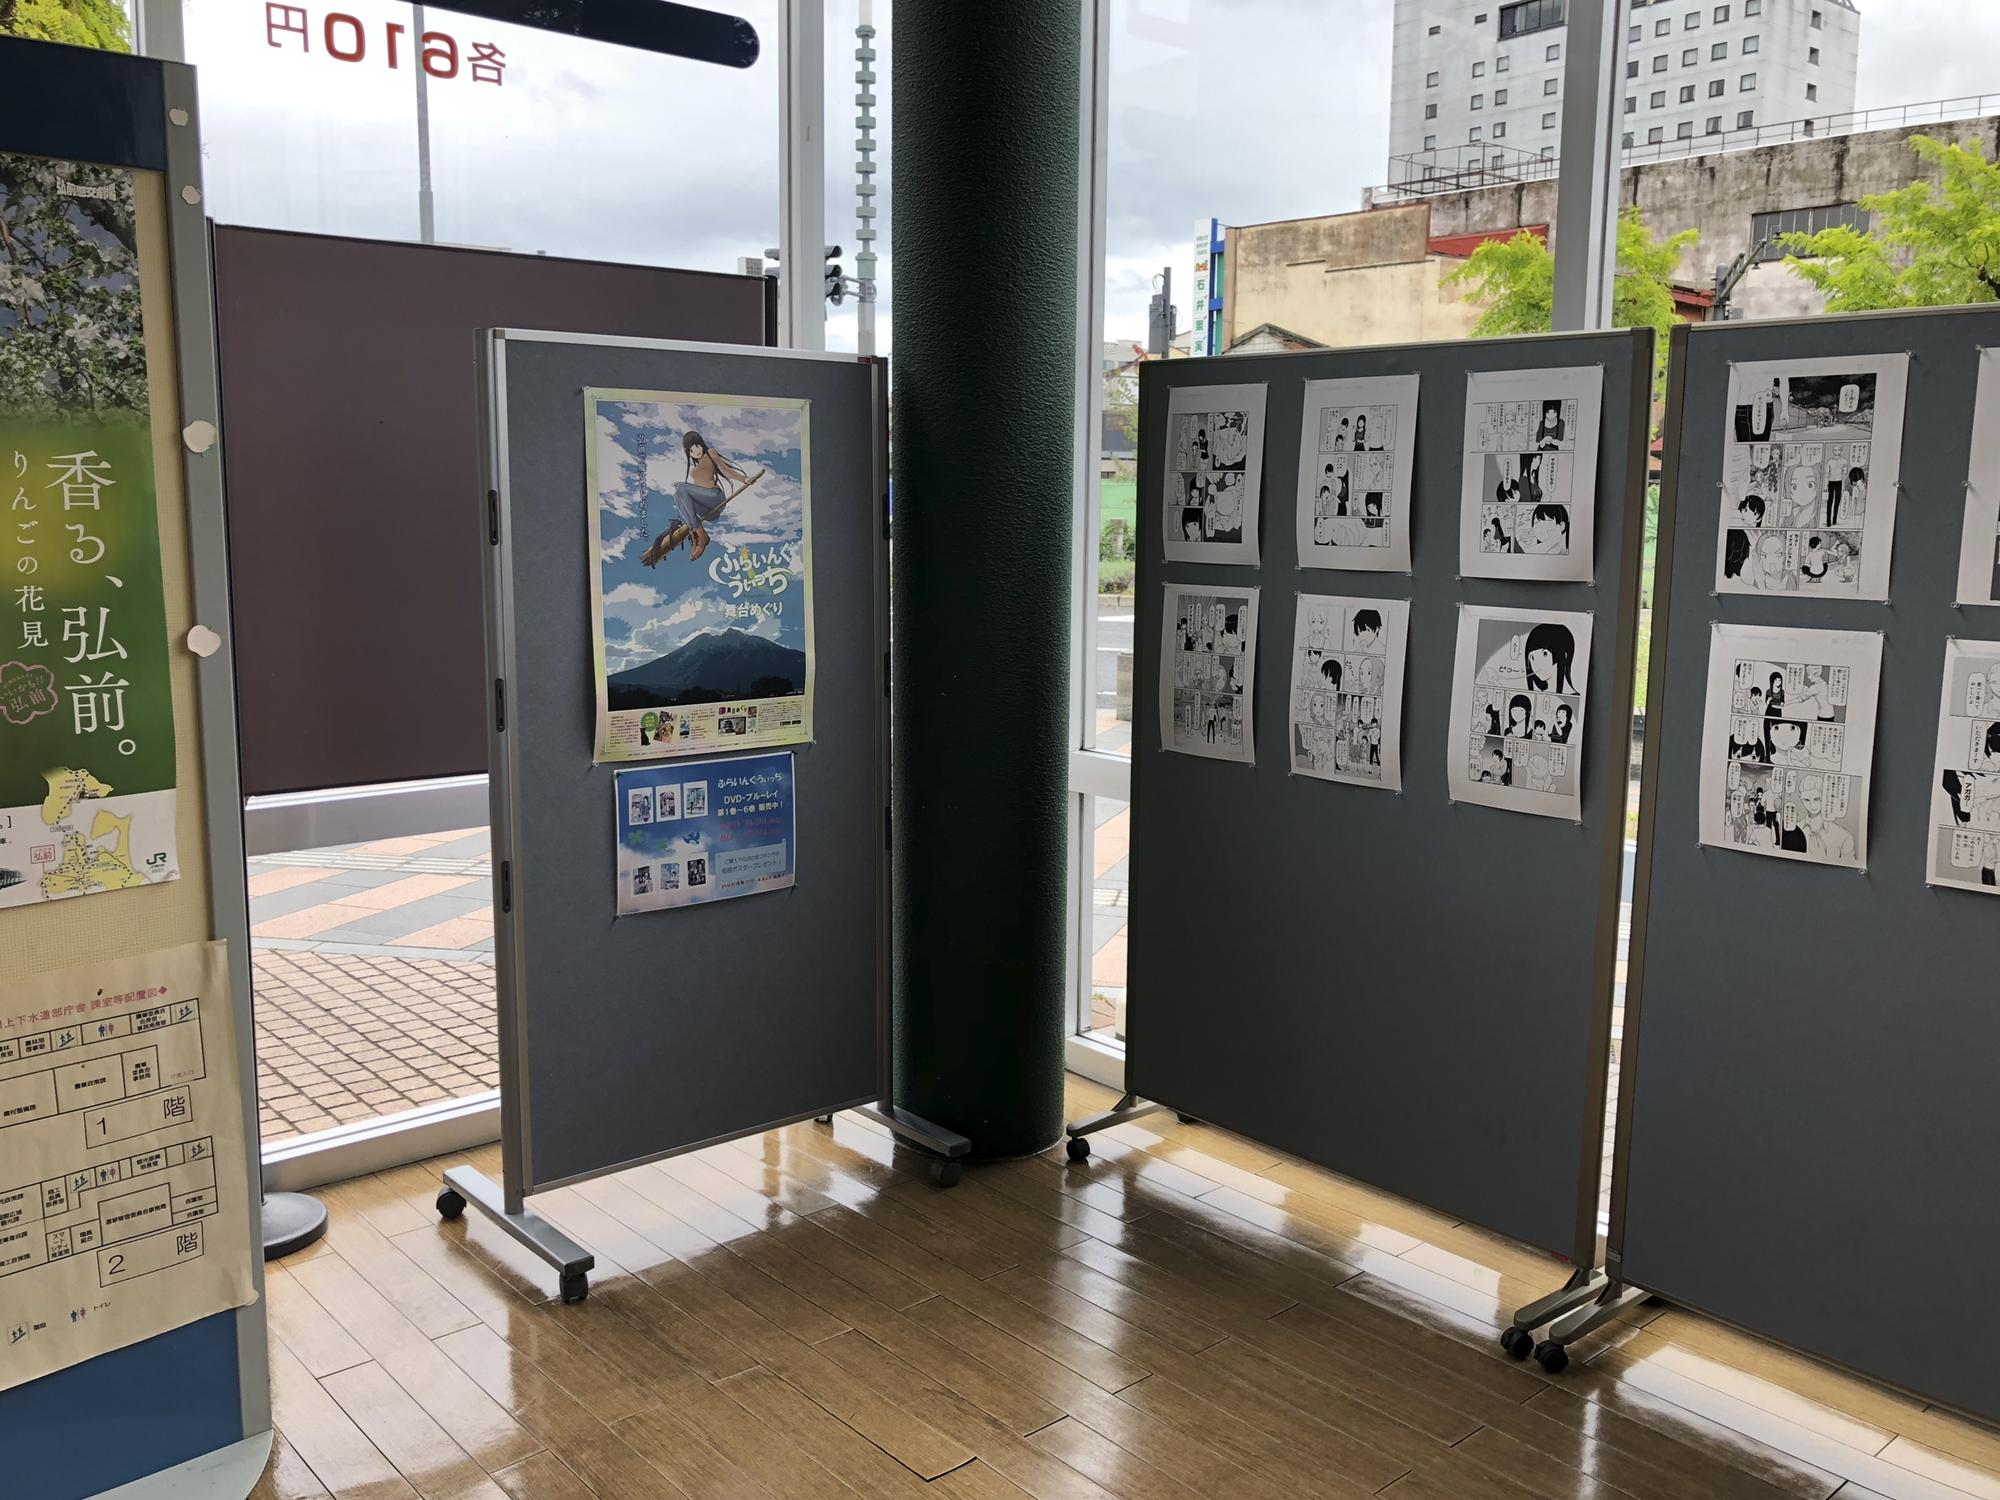 f:id:mitatowa:20181005183236j:plain